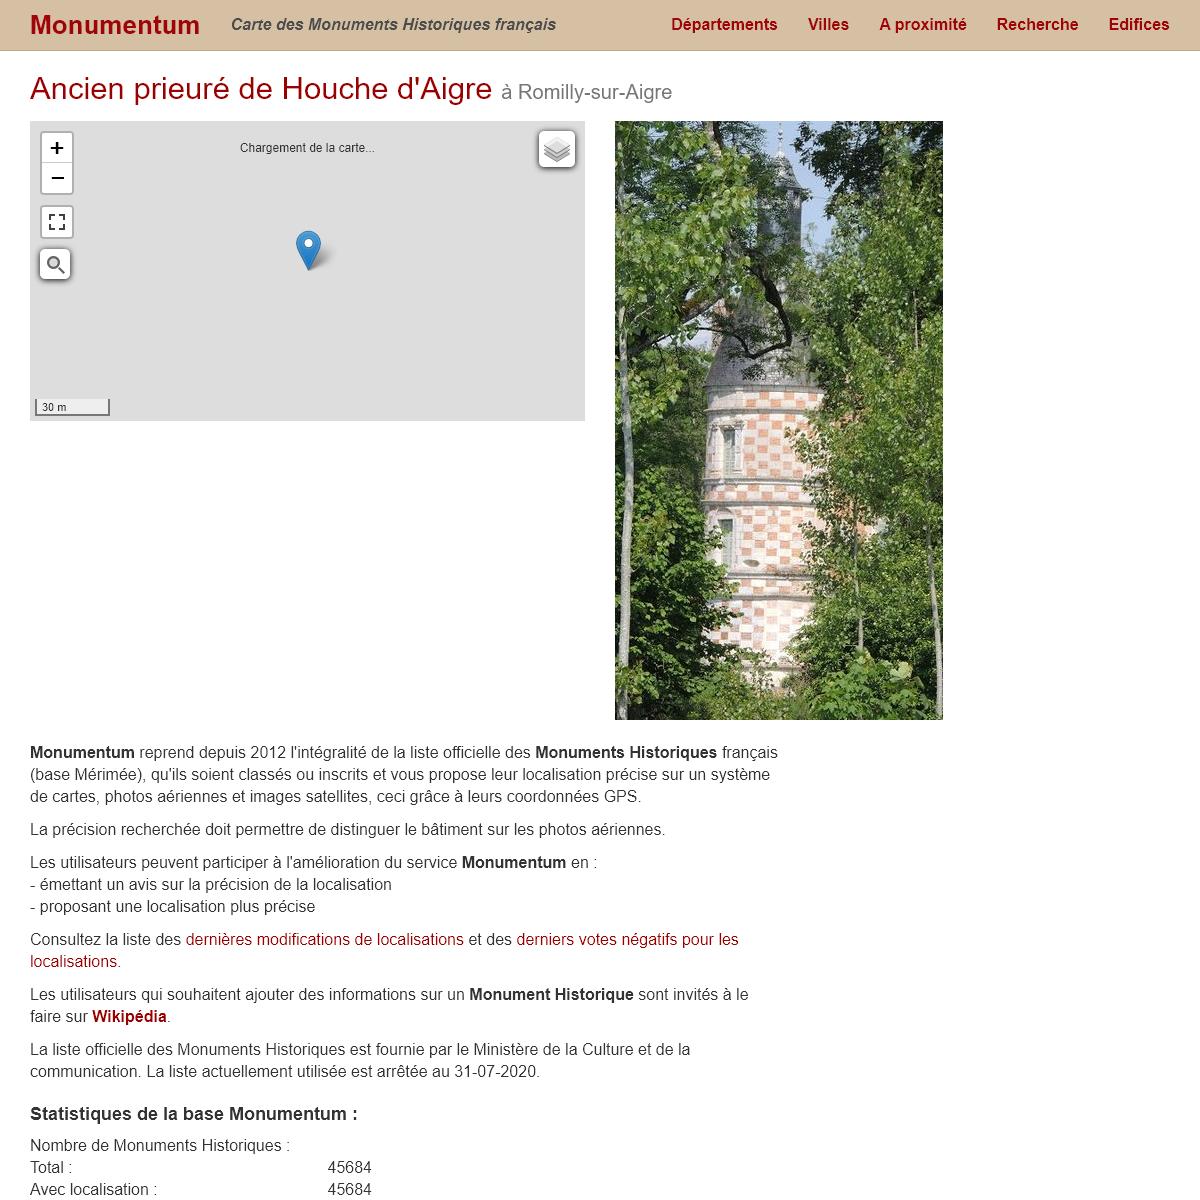 Monumentum - Carte des Monuments Historiques